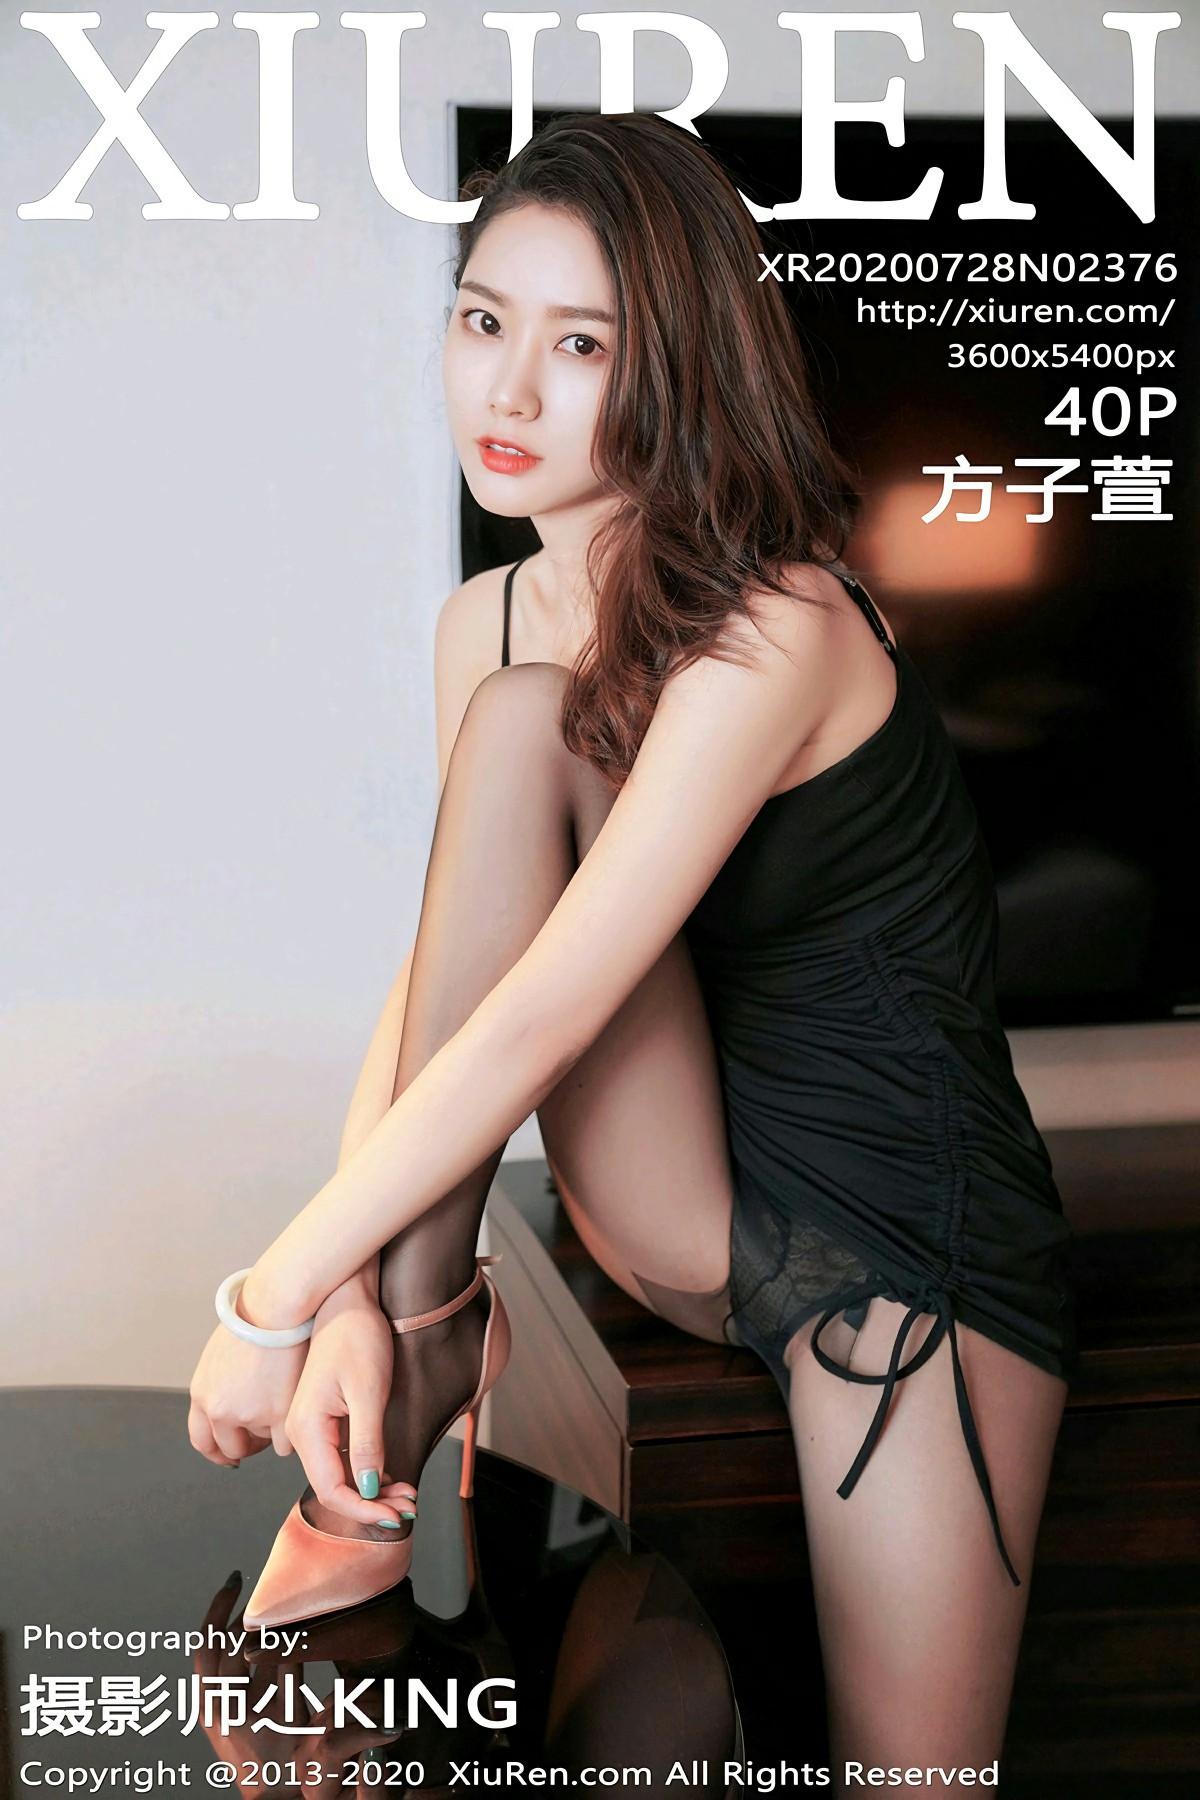 [XiuRen秀人网] 2020.07.28 No.2376 方子萱 第1张